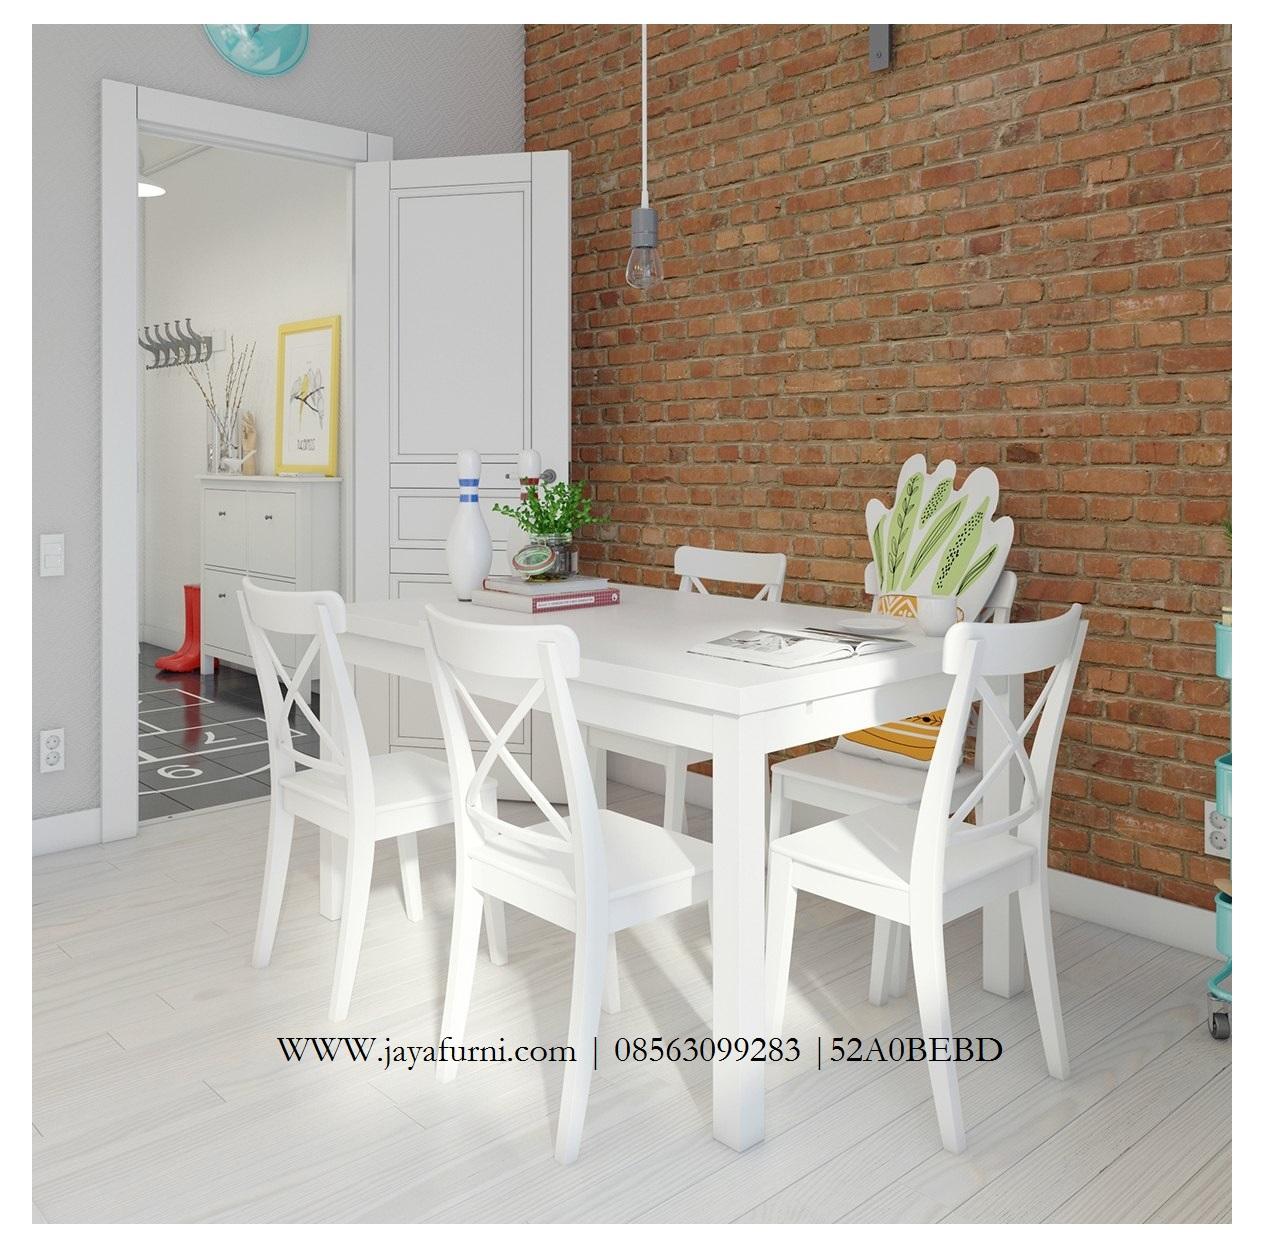 Meja Makan Minimalis Putih Duco Mewah Jayafurni Mebel